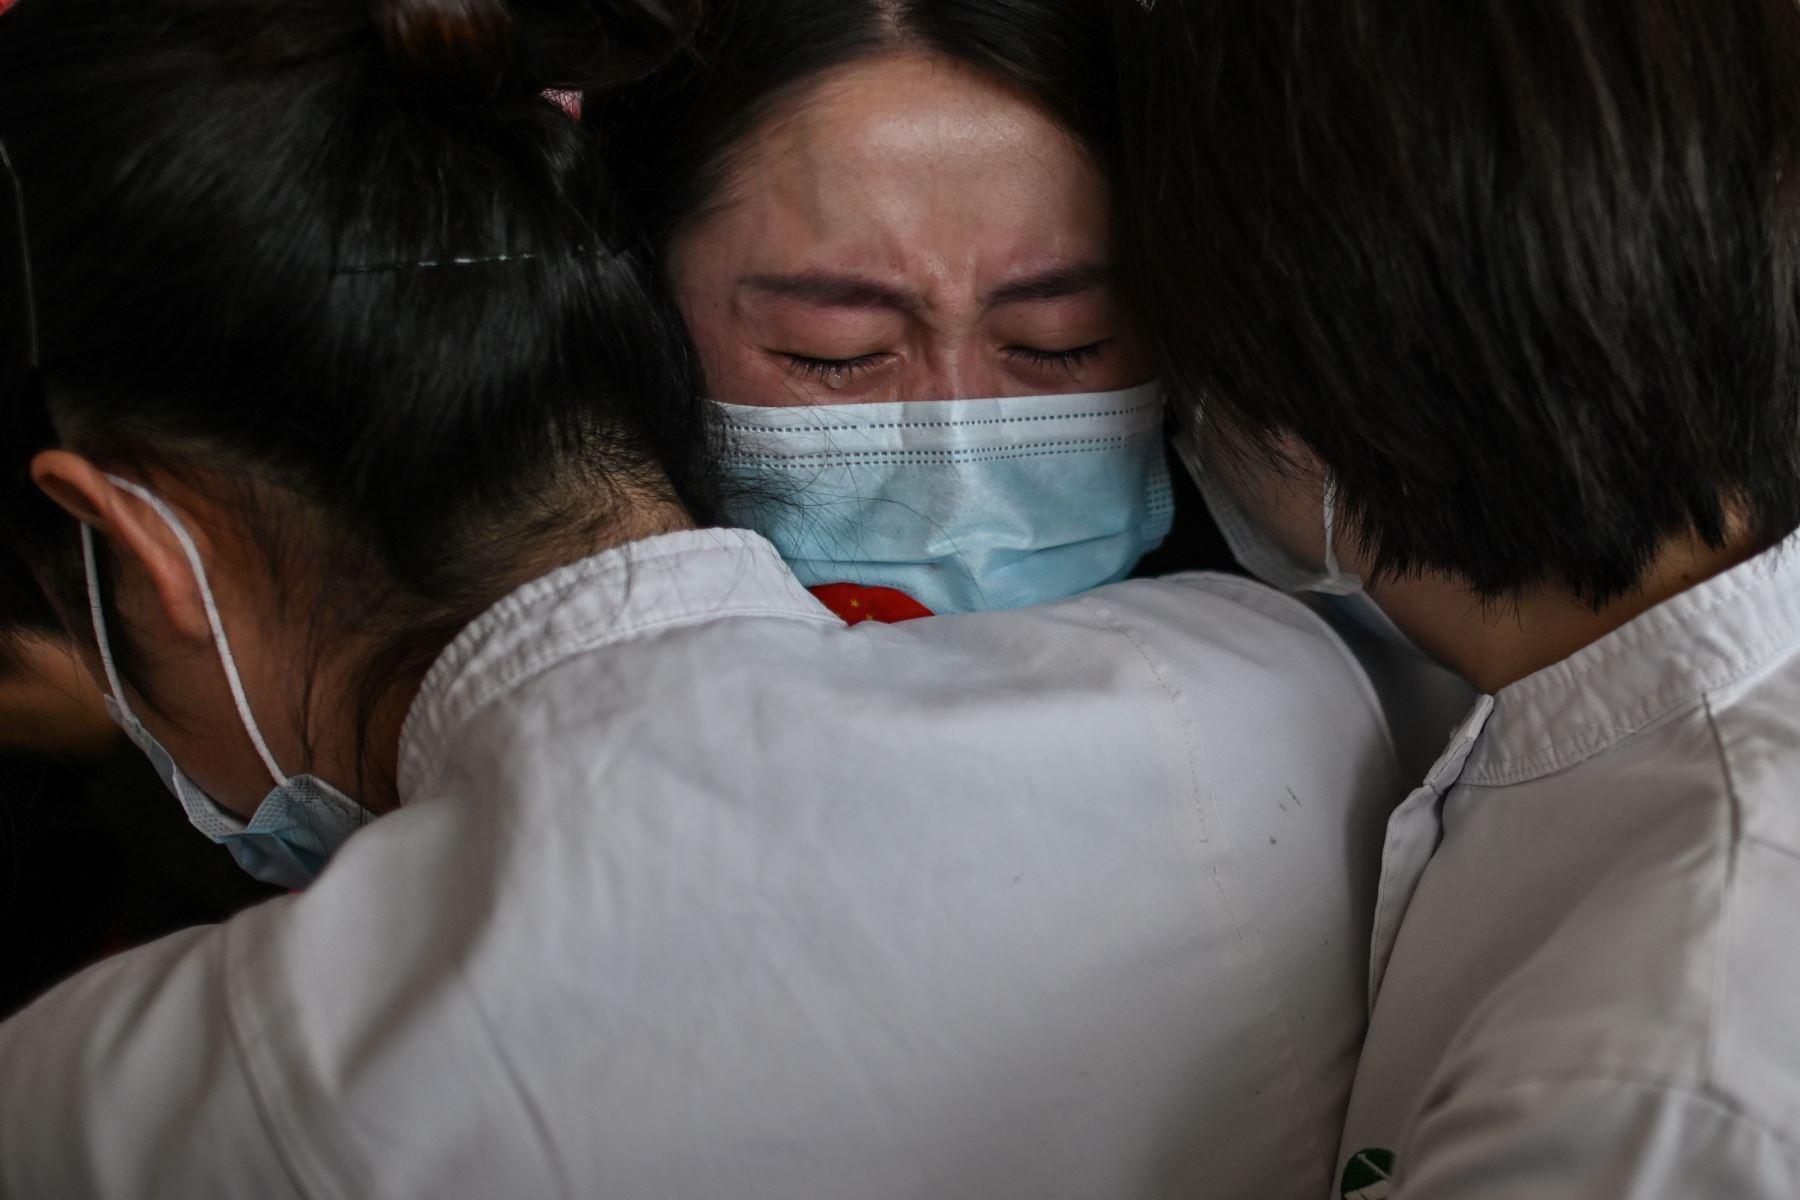 El personal médico de la provincia de Jilin abraza a las enfermeras de Wuhan después de trabajar juntas durante el brote de coronavirus. Foto: AFP